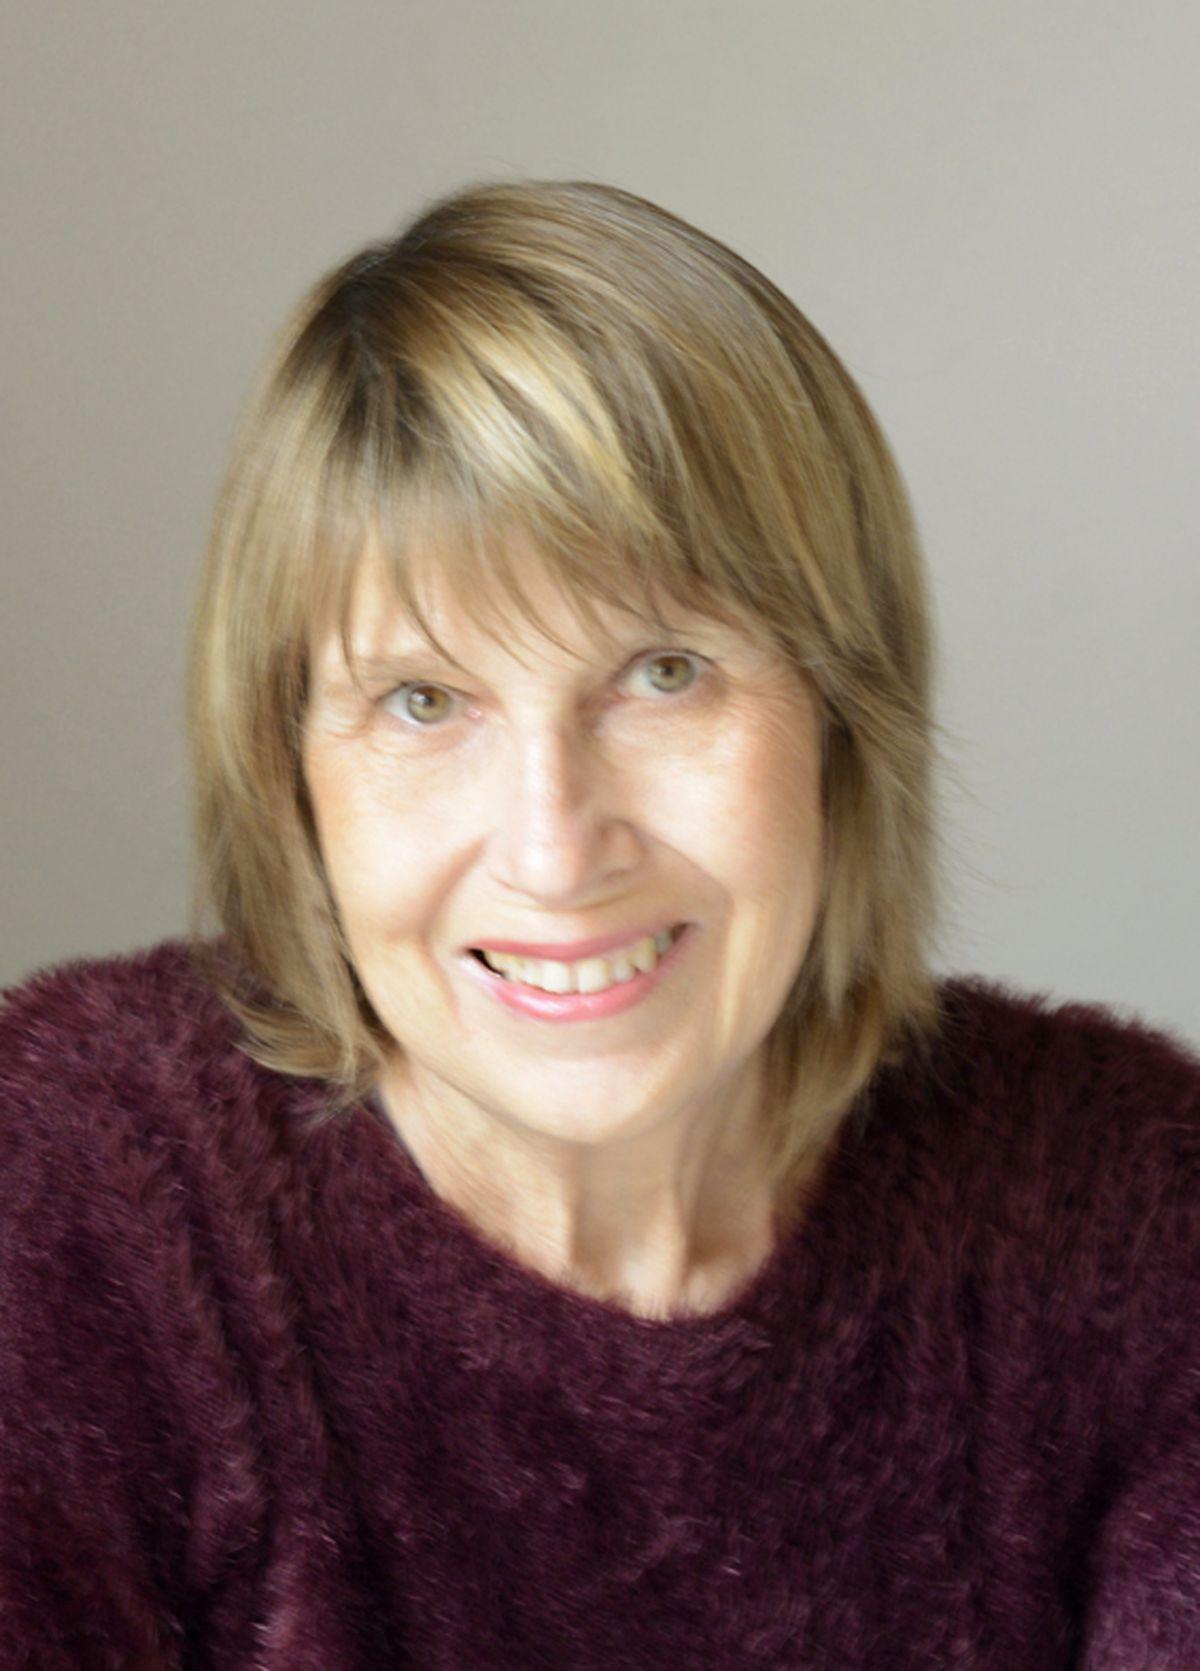 IsabelleBaeckeroot